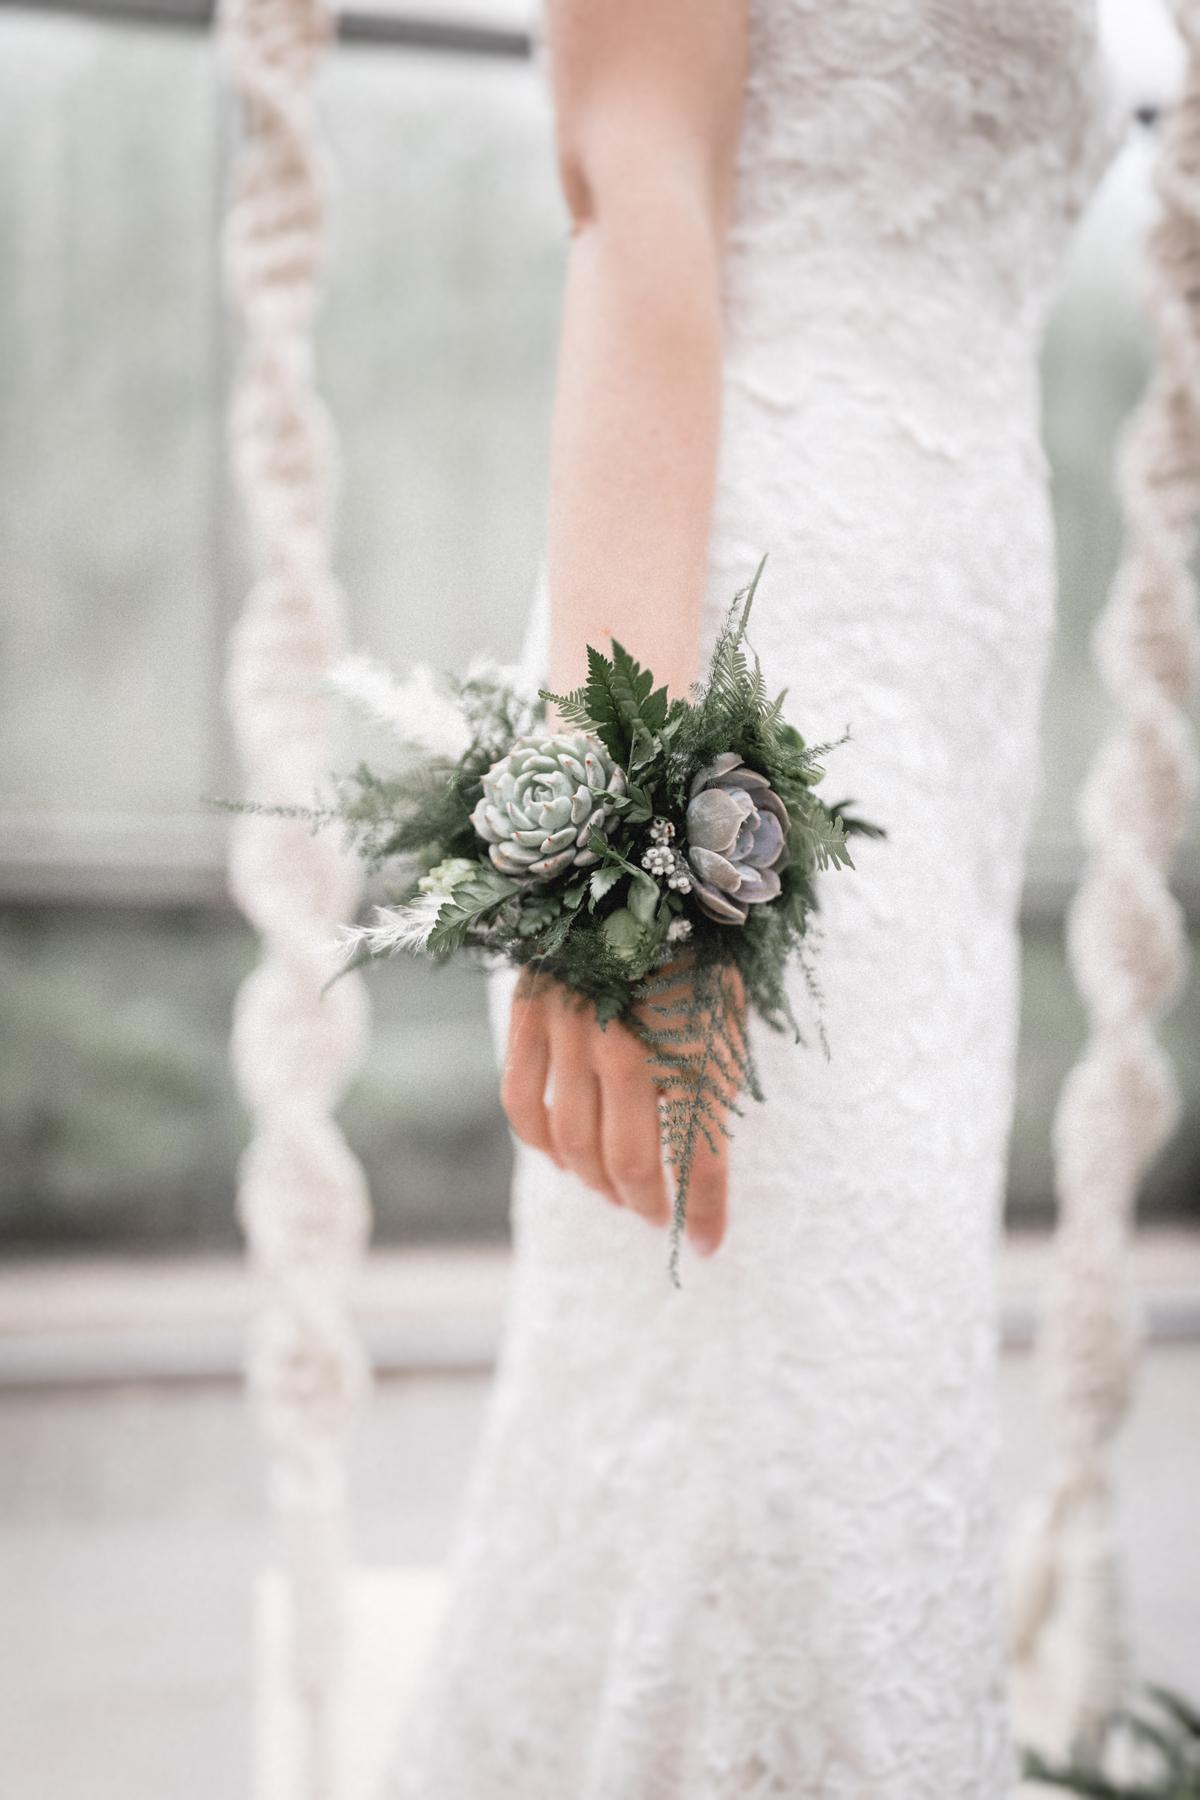 Andreas_Nusch_Hochzeitsfotografie_Brautshooting_2017_JA-Hochzeitsshop_0104